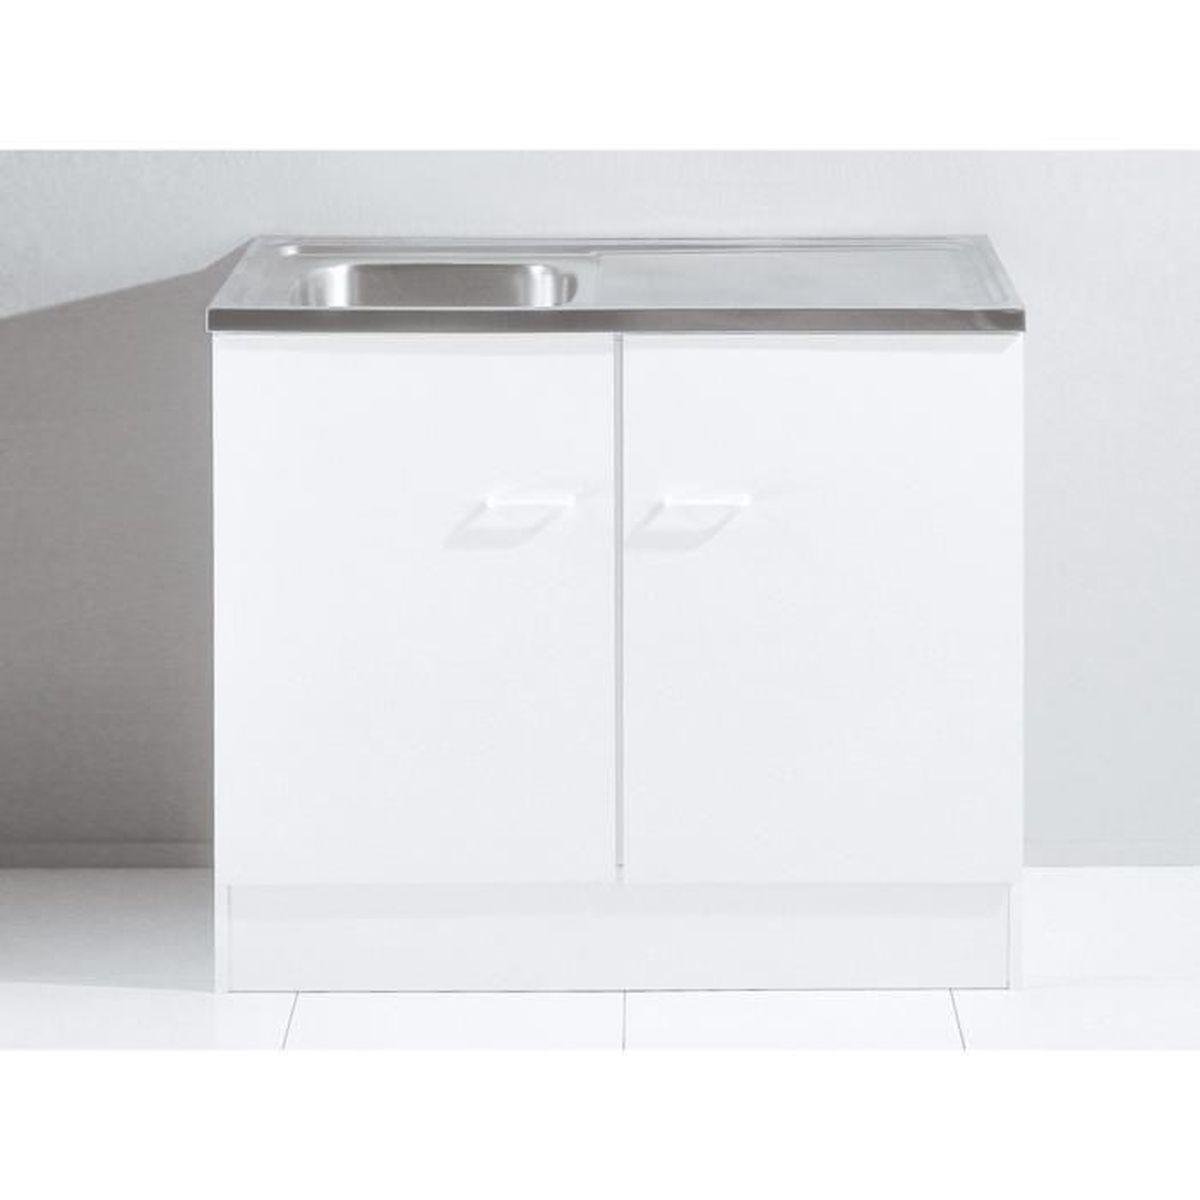 Meuble bas de cuisine Tupi avec évier 12cm Blanc - Achat / Vente